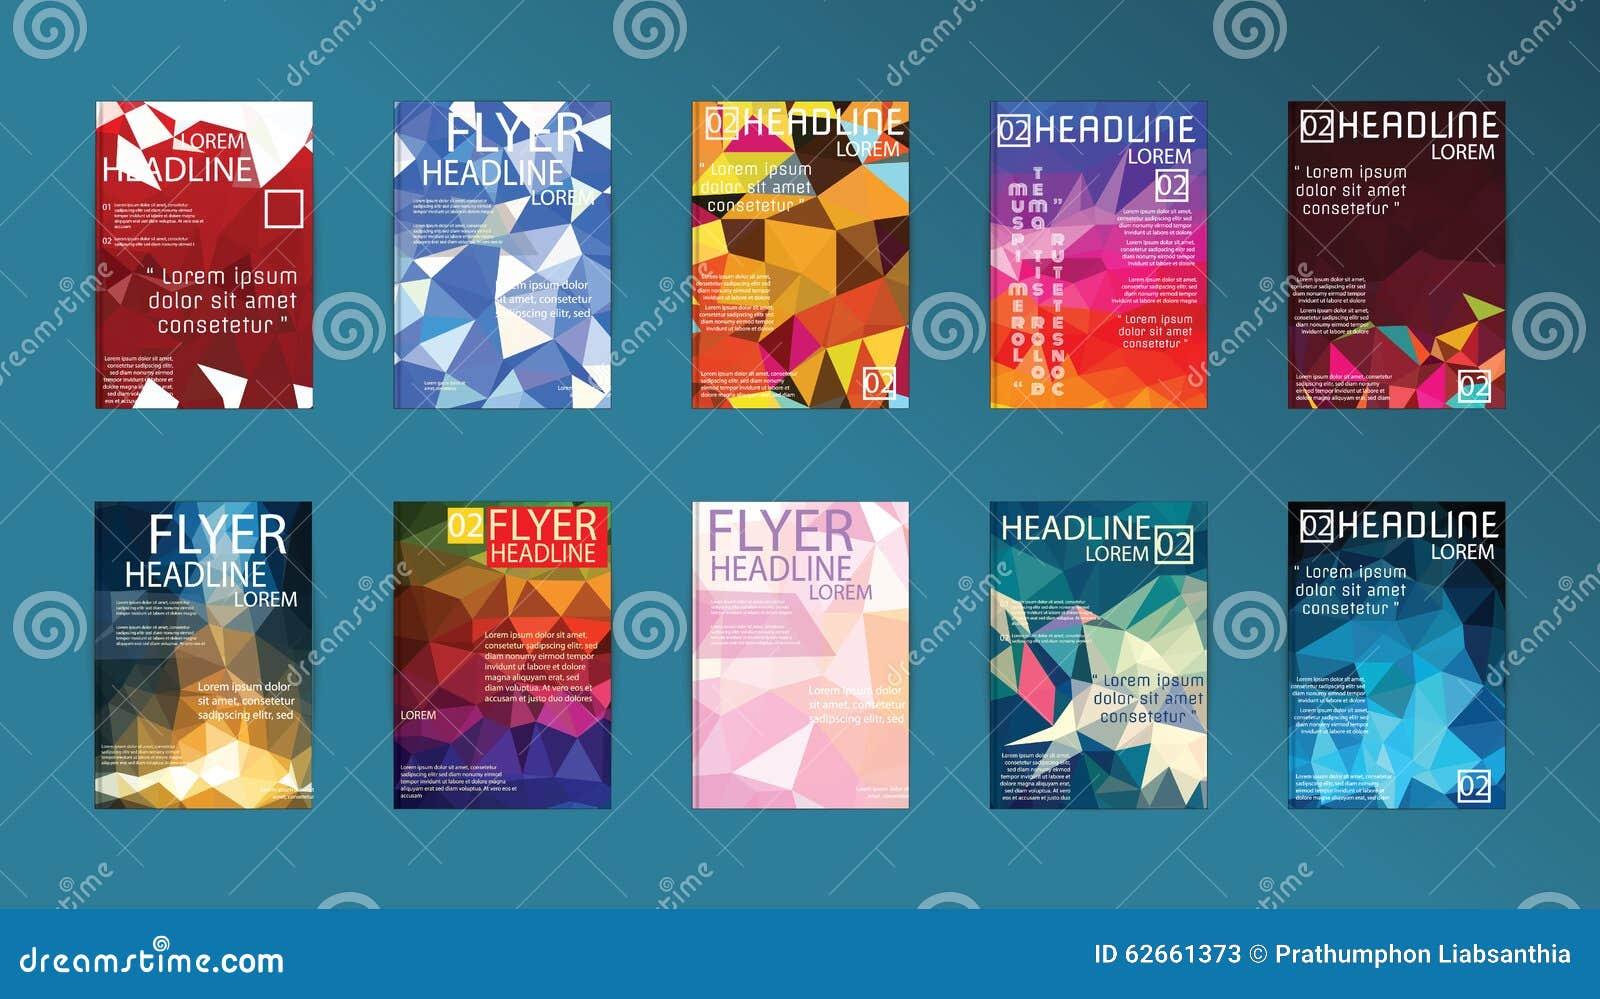 Poster design app - Brochure Design Flyer